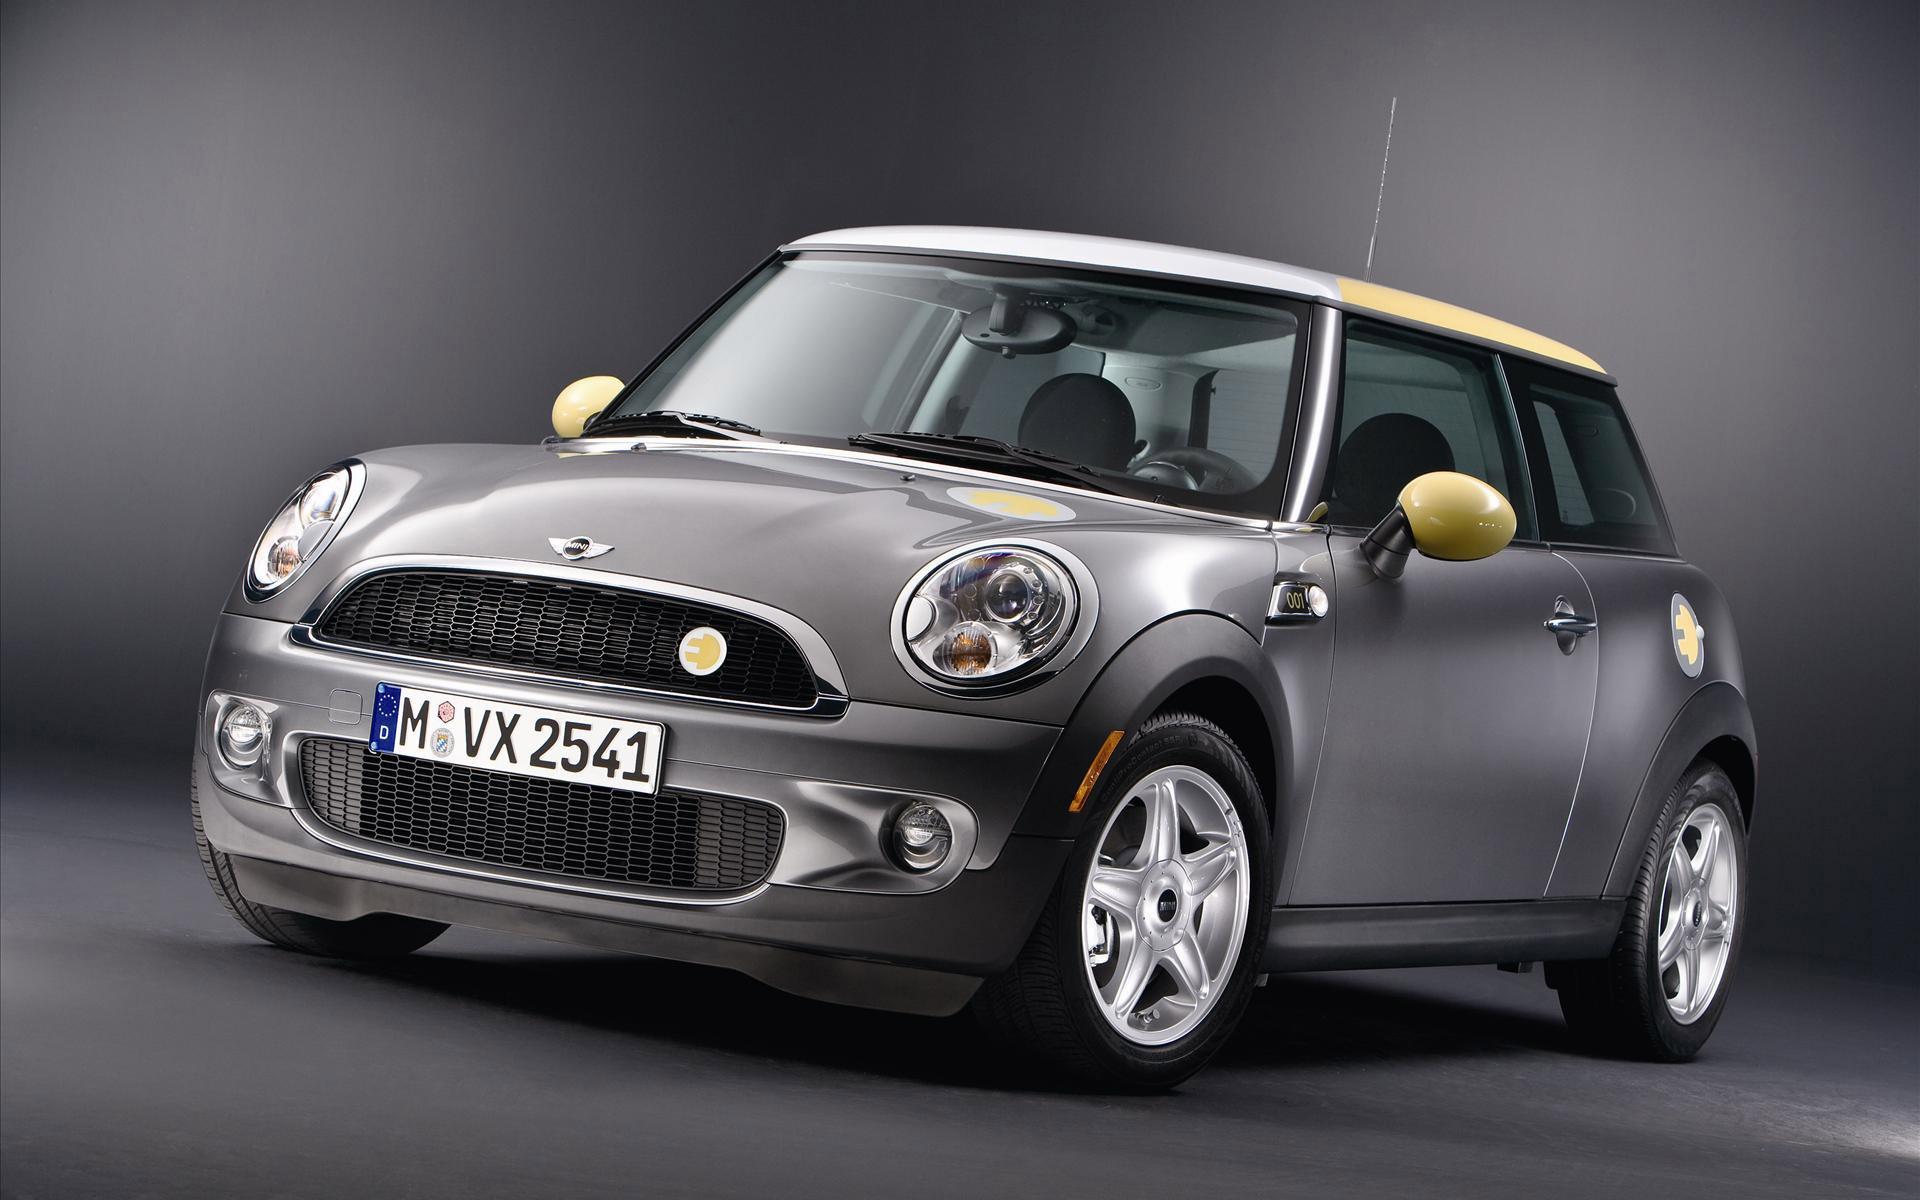 汽车天下,MINI,Concept,汽车,宽屏,概念车,2012Y十一月12D,儿童桌面专用